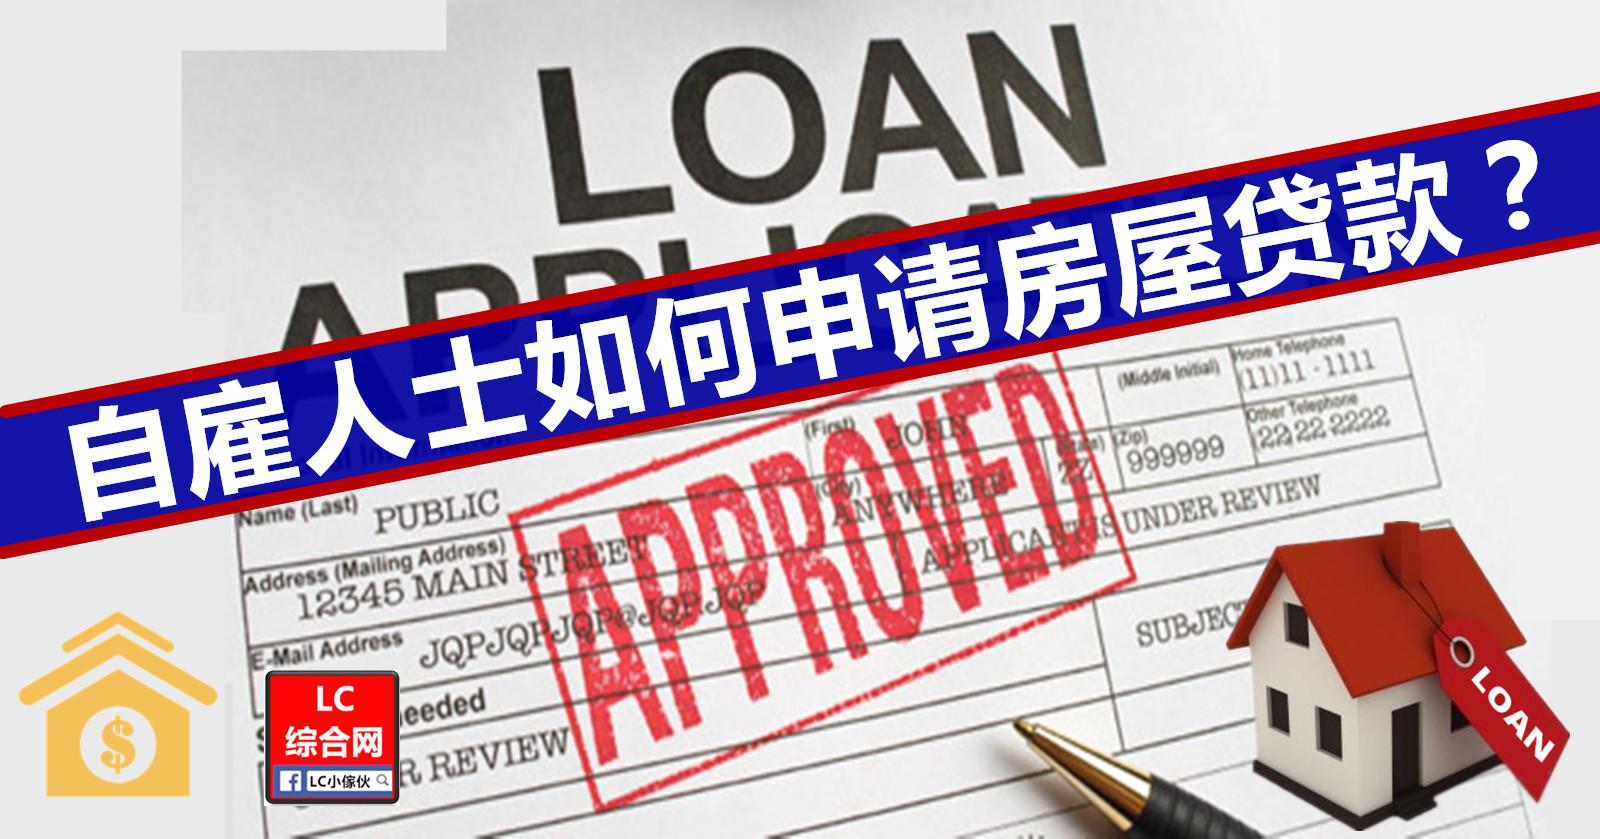 自雇人士如何申請房屋貸款? | LC 小傢伙綜合網